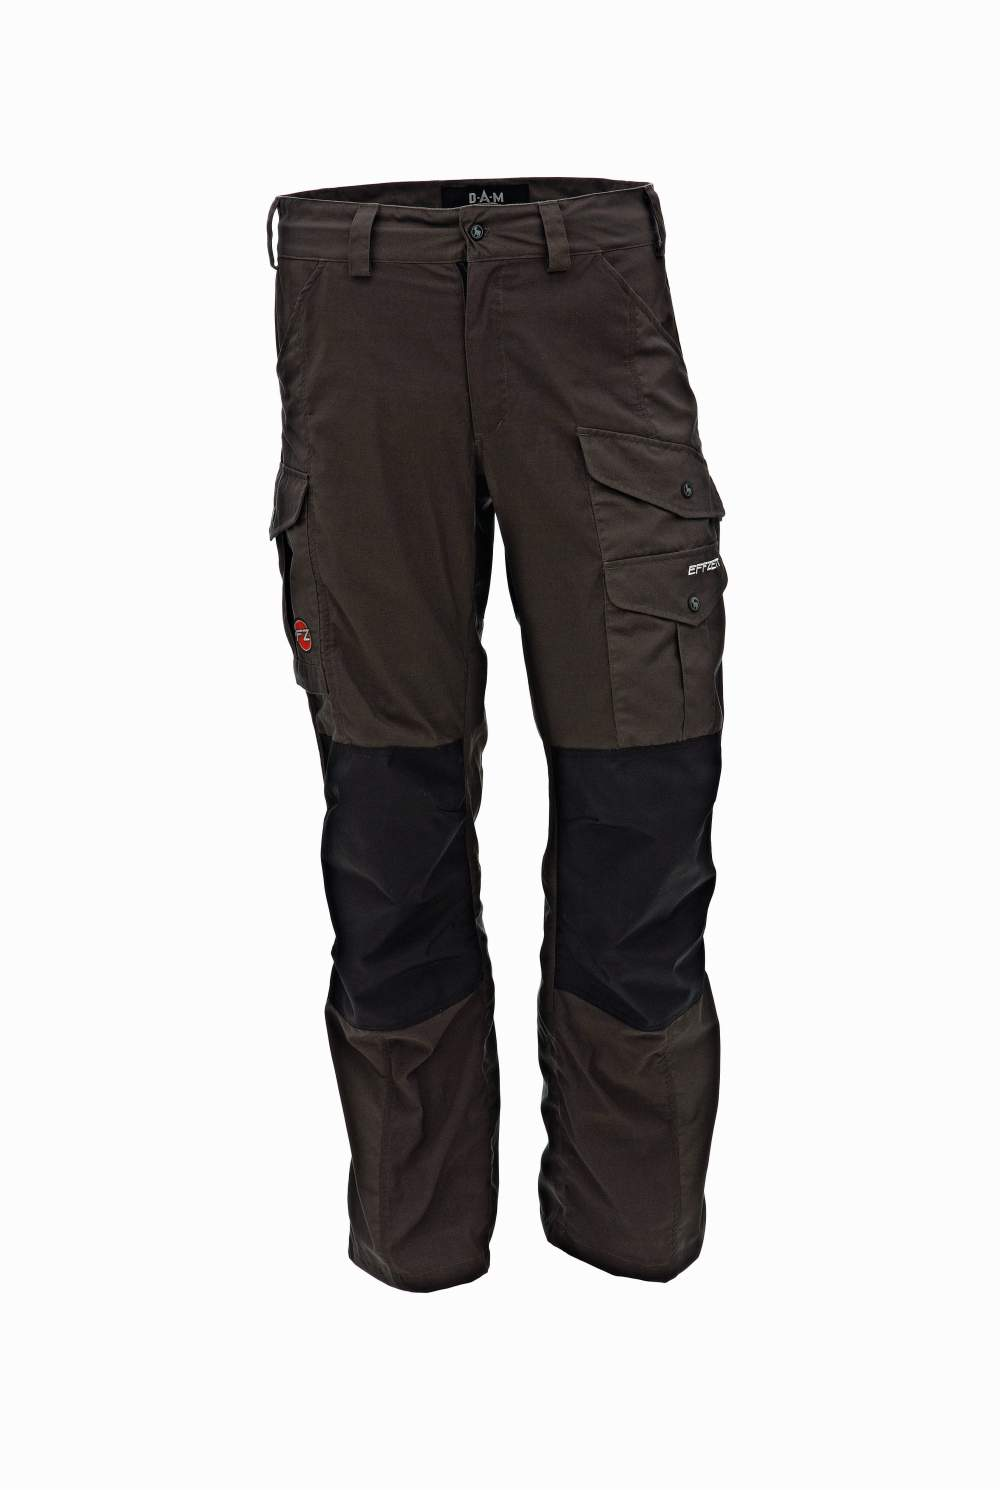 DAM Effzett Combat Trousers 4a681a3ba035b